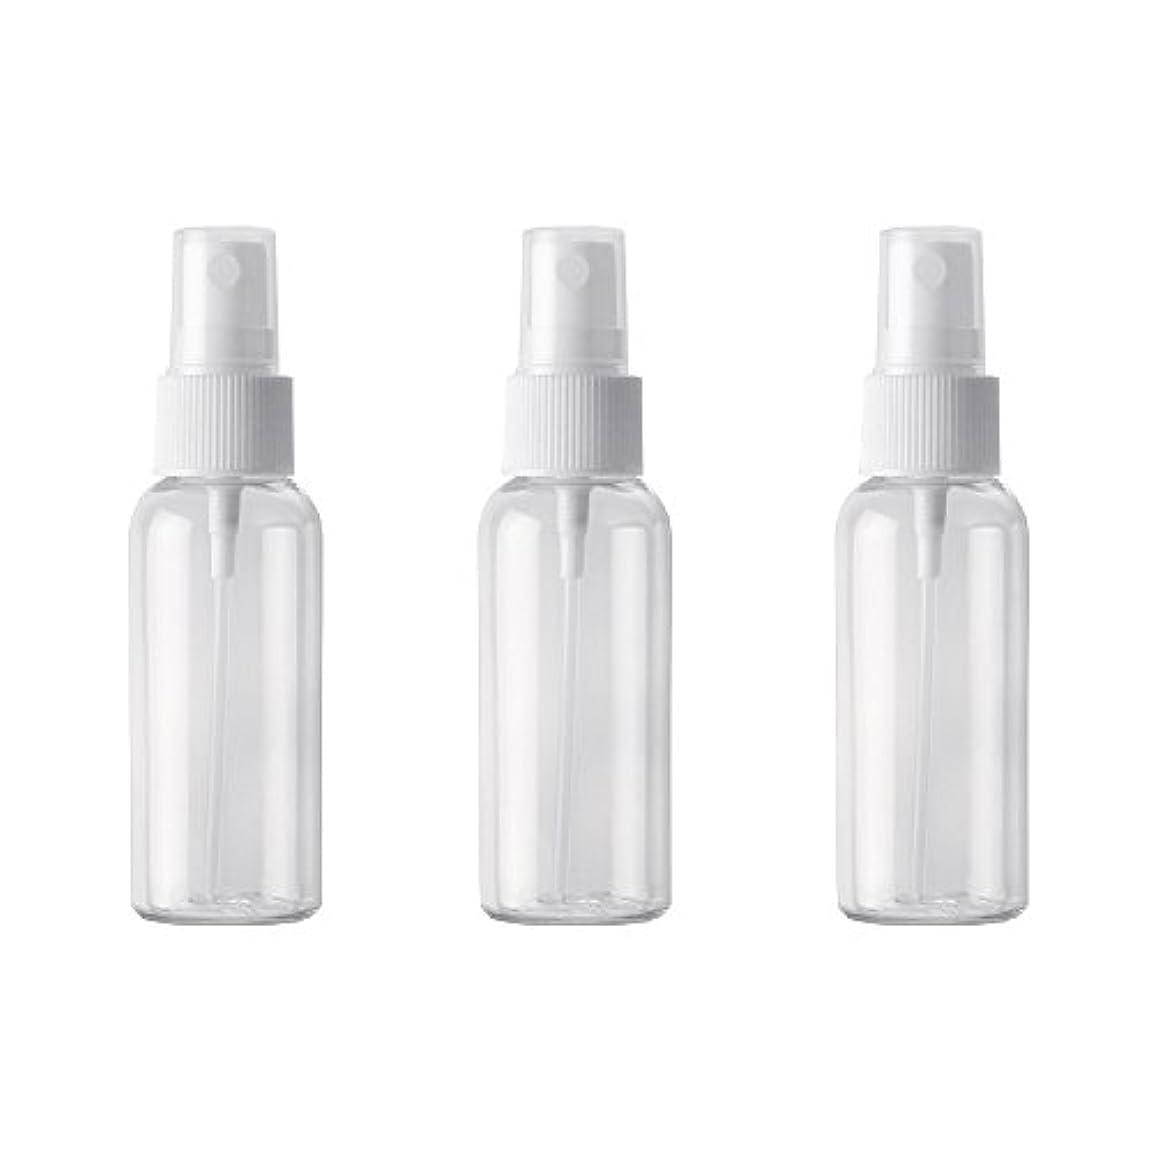 正直弱い拾うPET小分けボトル トラベルボトル スプレーボトル 3本セット 霧吹き 小分け容器 化粧水 精製水 詰替ボトル 旅行用(50ml )